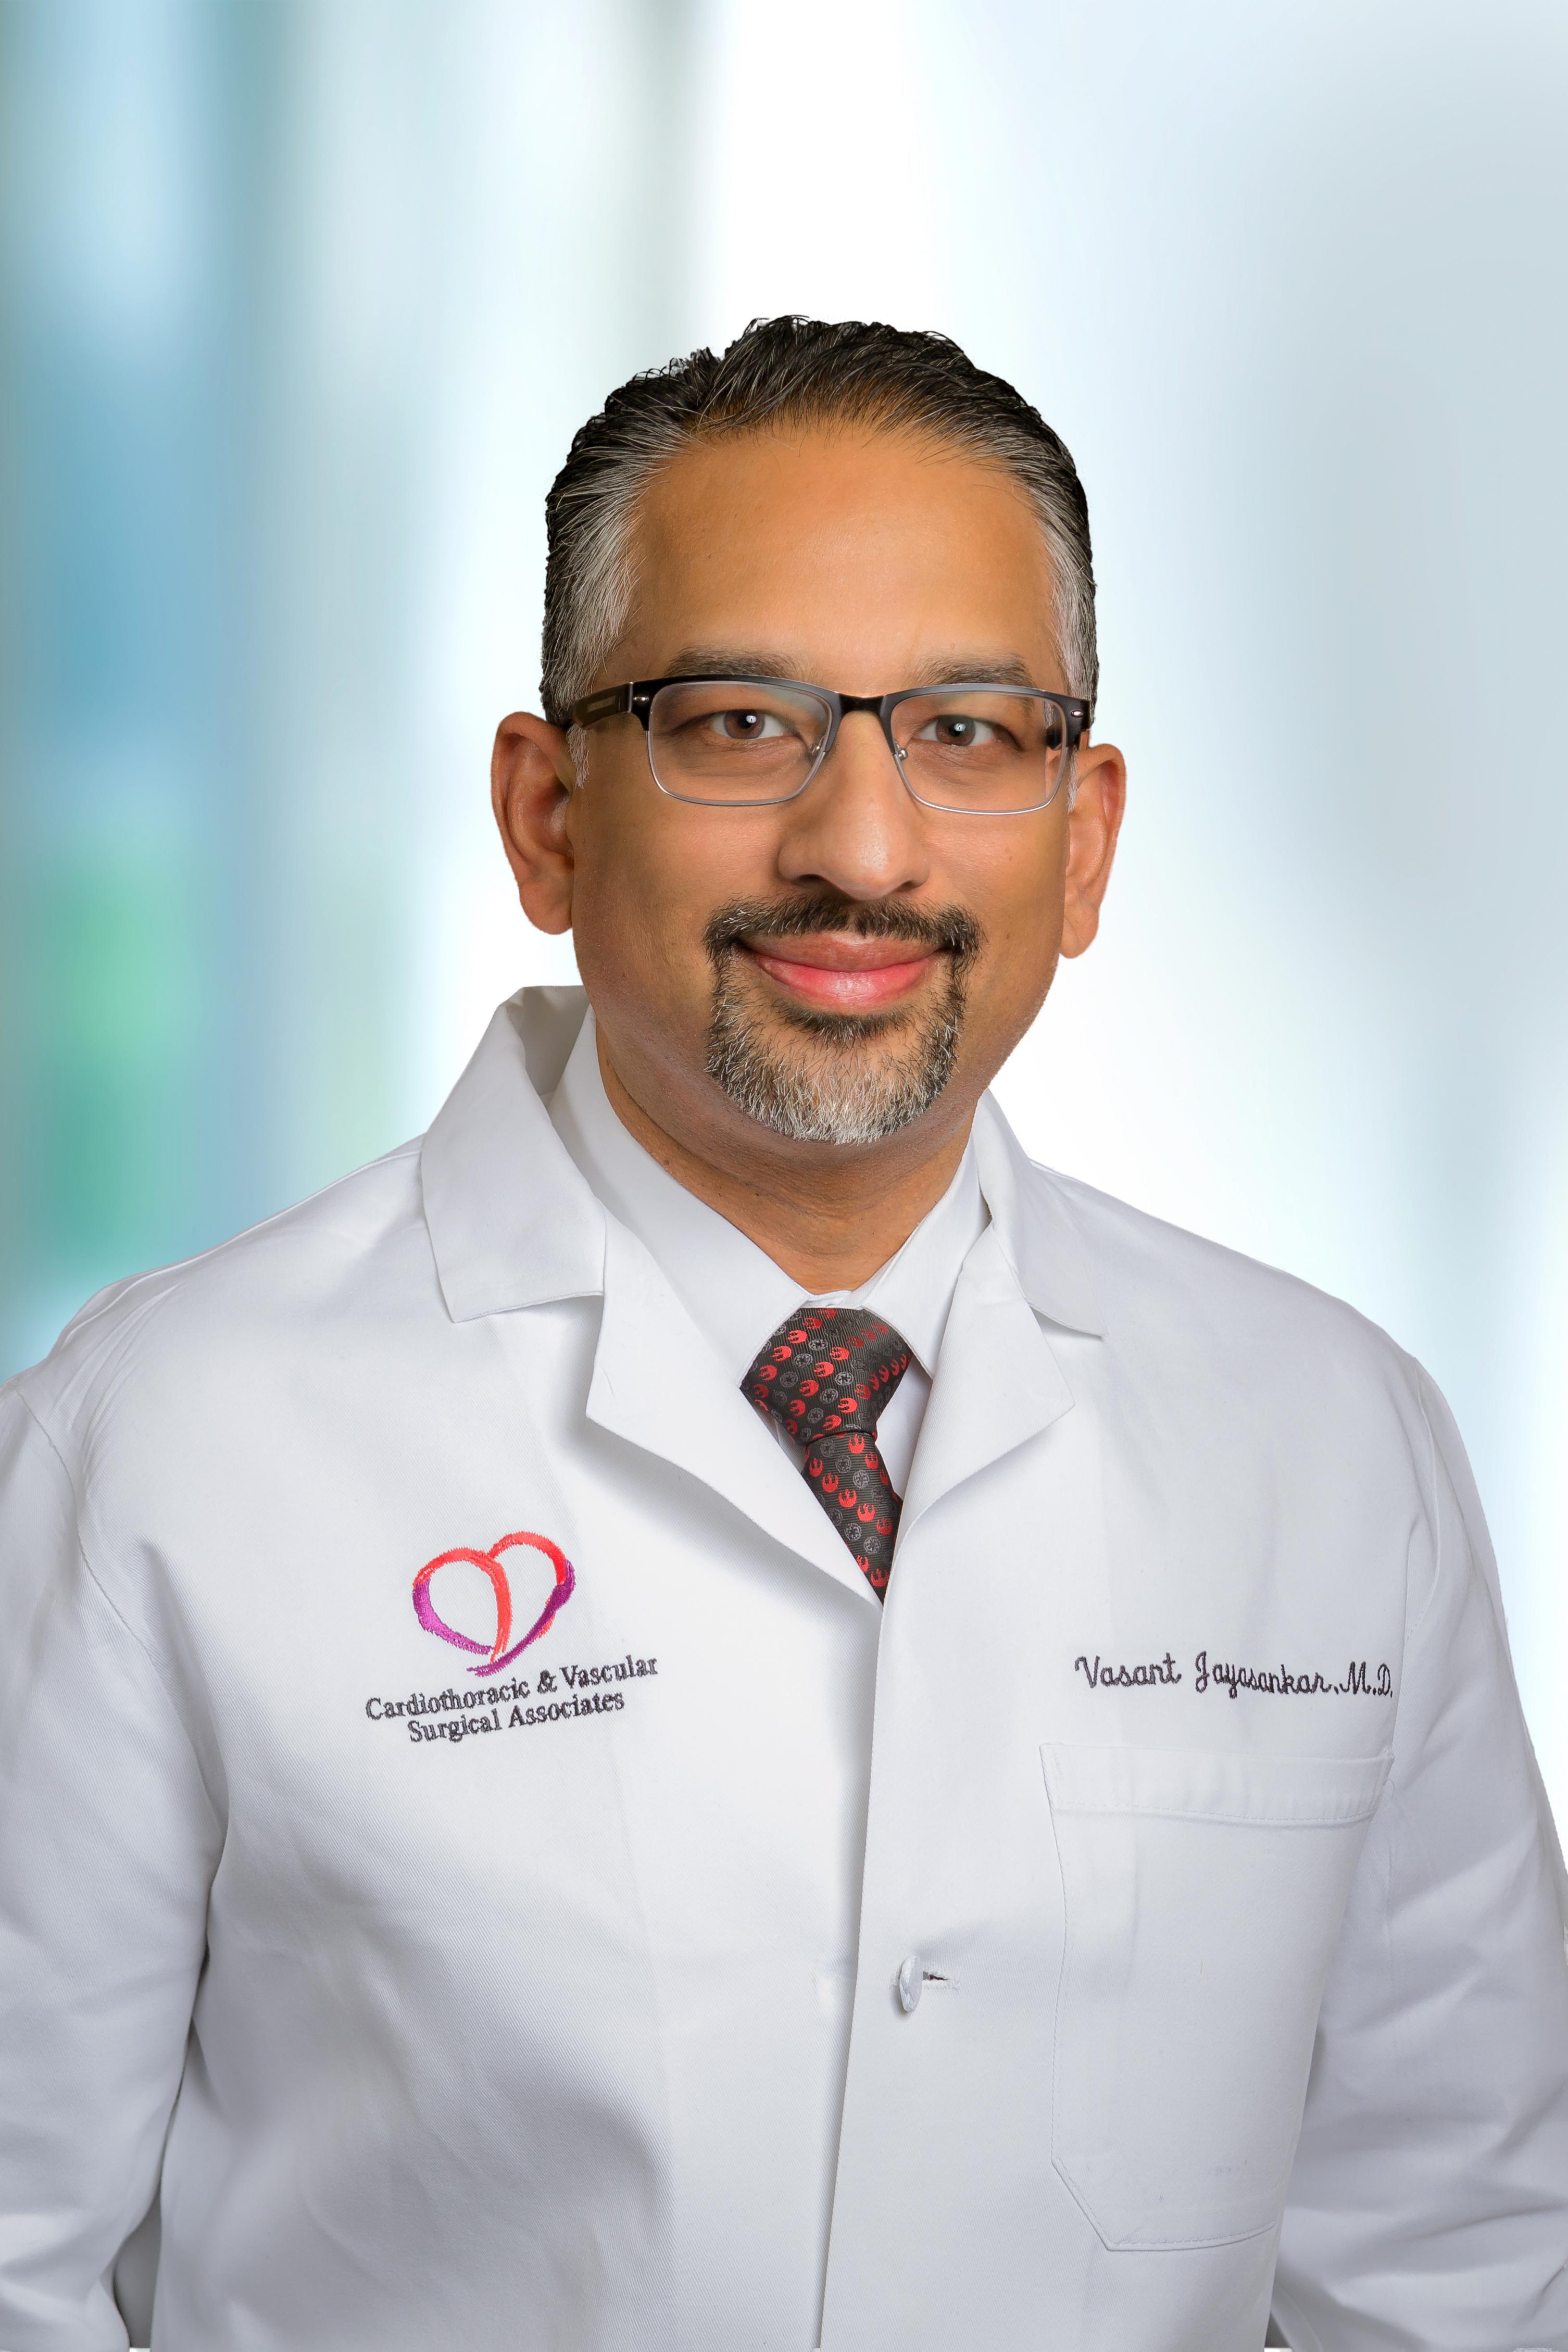 Vasant Jayasankar, MD